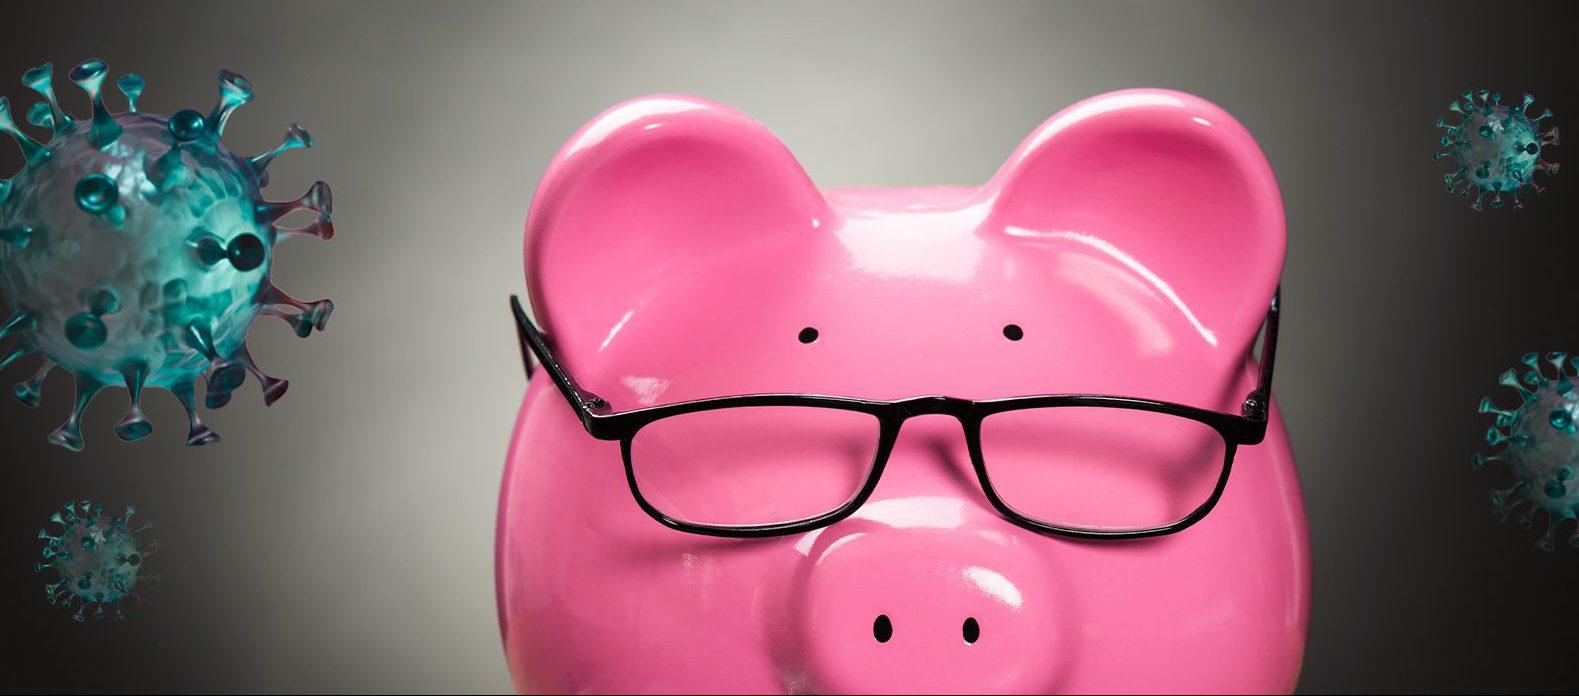 [NL] Coronacrisis & marketingbudgetten: 7 slimme overwegingen